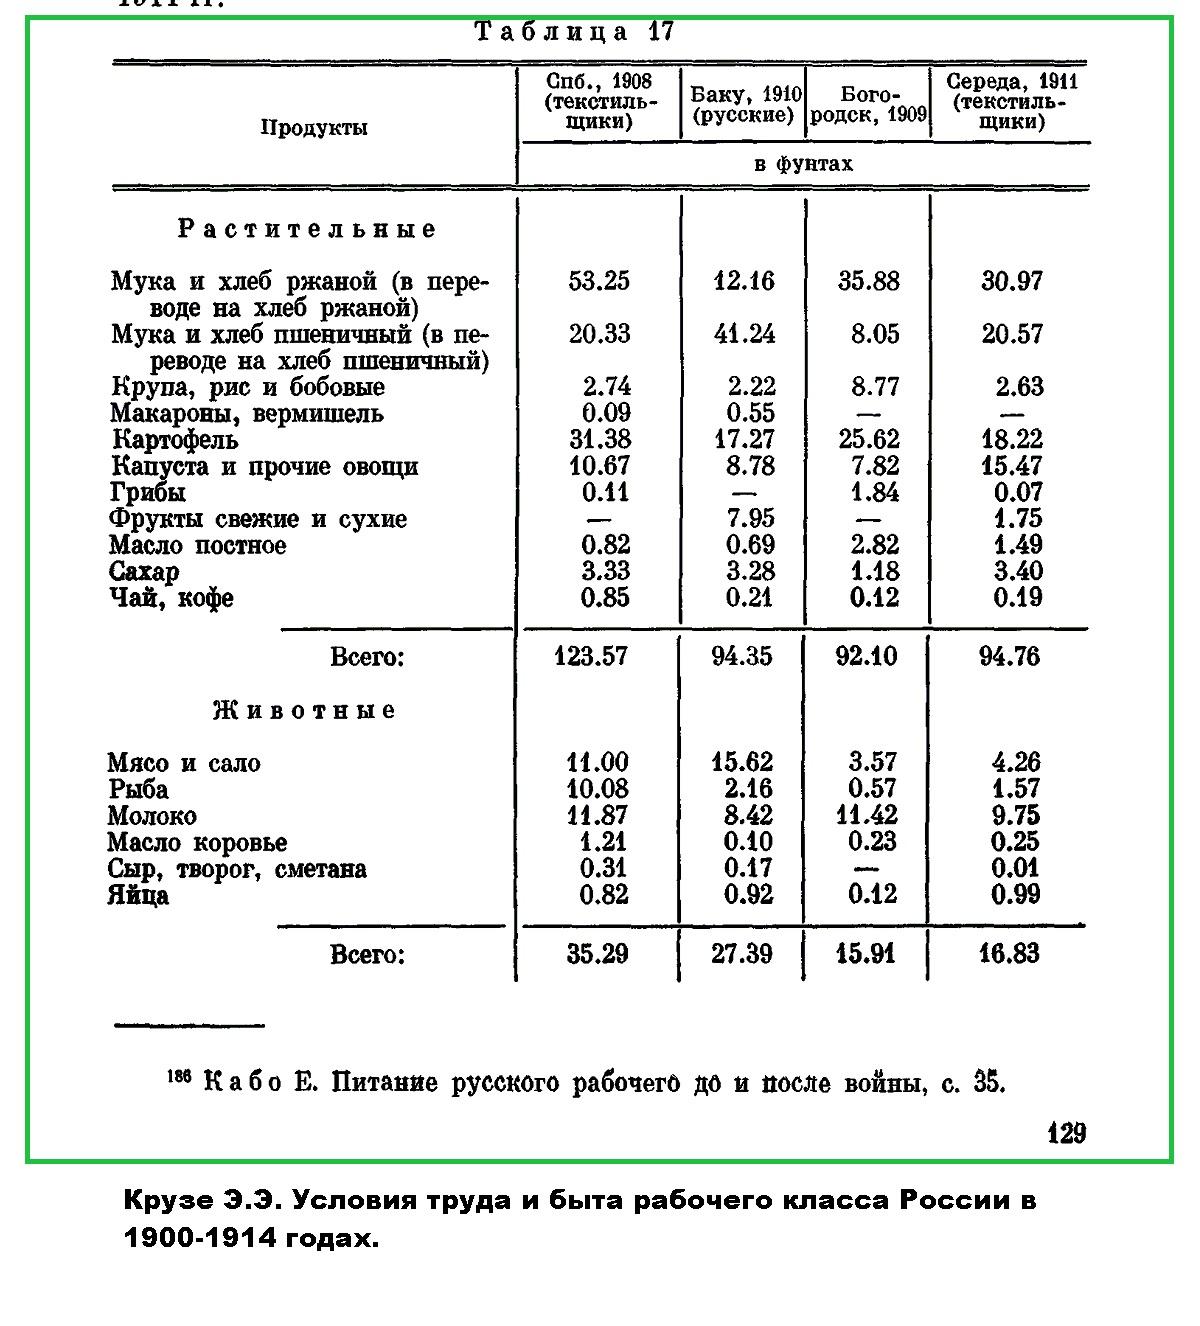 Питание рабочего класса в России. Крузе Э.Э.